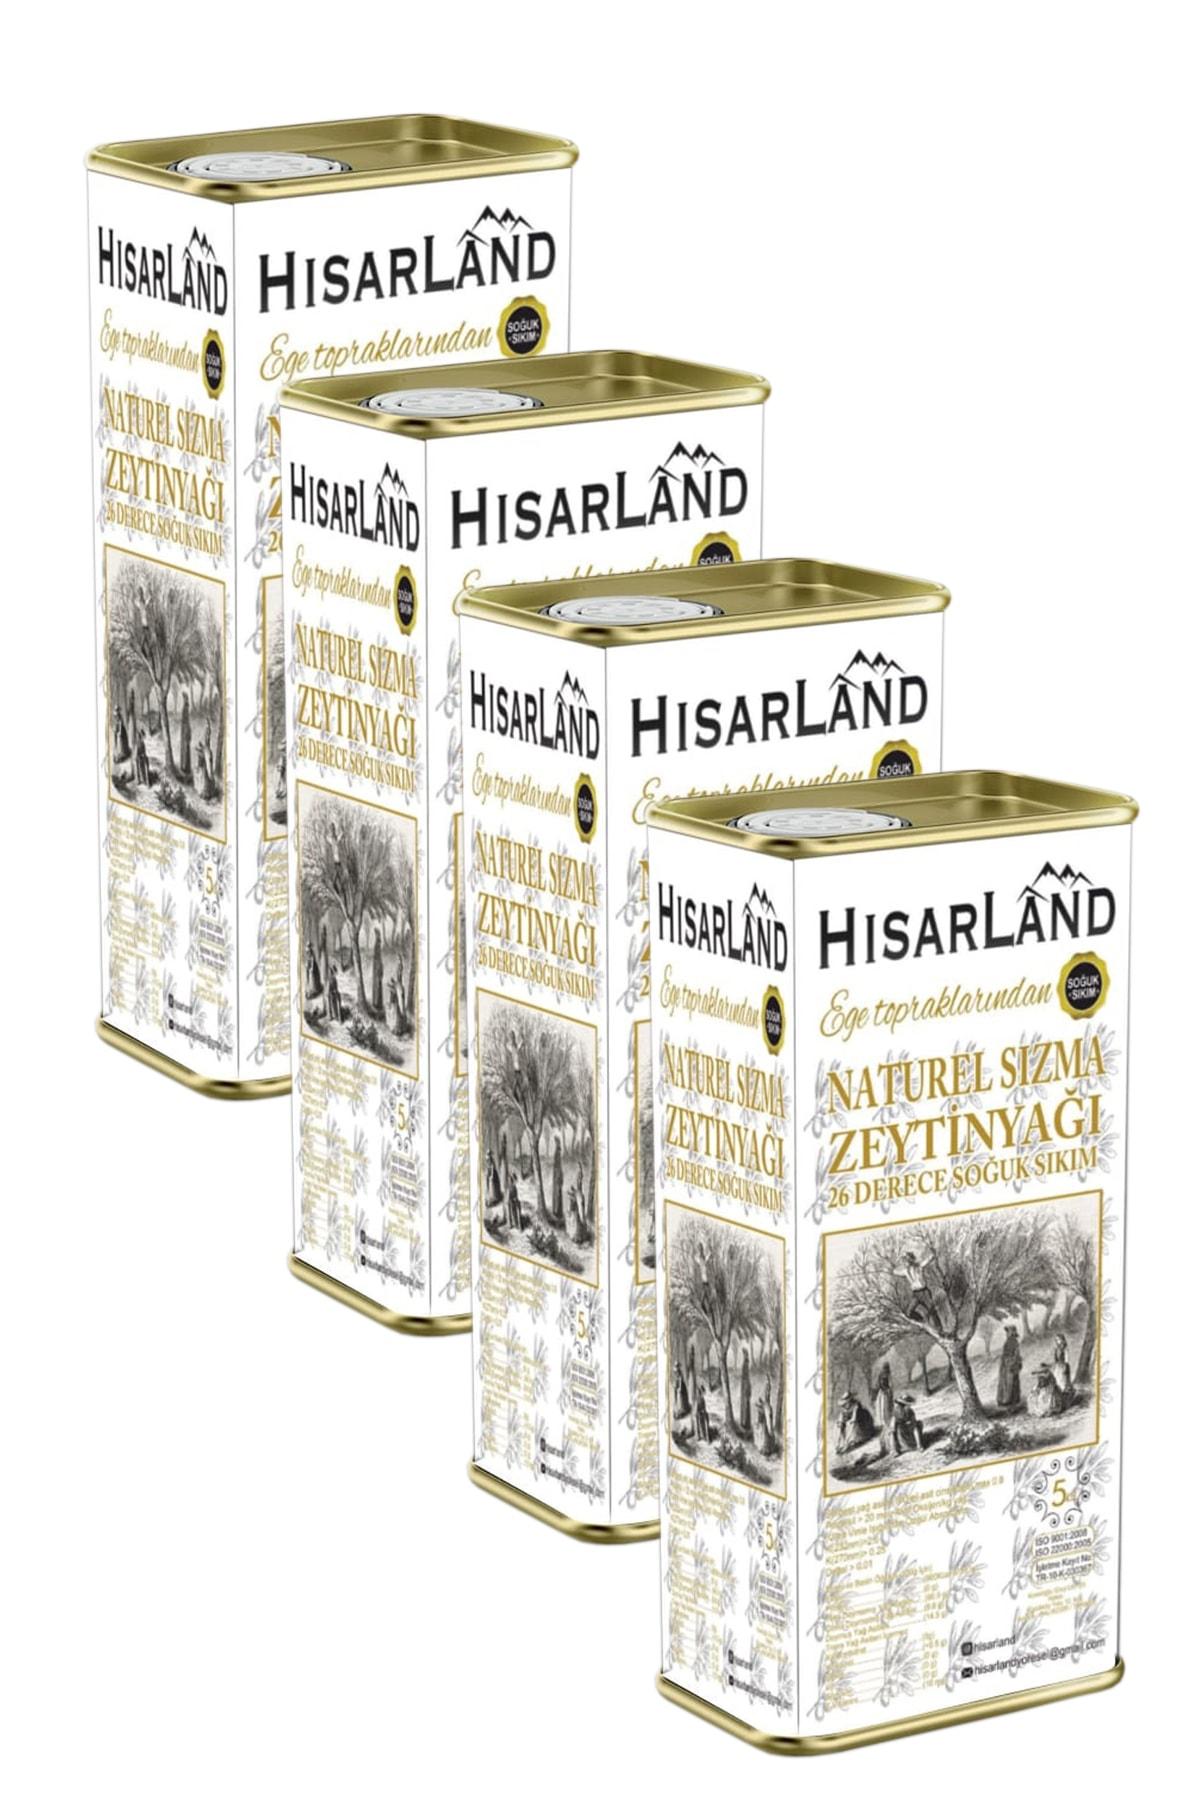 Hisarland Yeni Hasat Naturel Sızma Soğuk Sıkım Zeytinyağı 20 Lt. 1